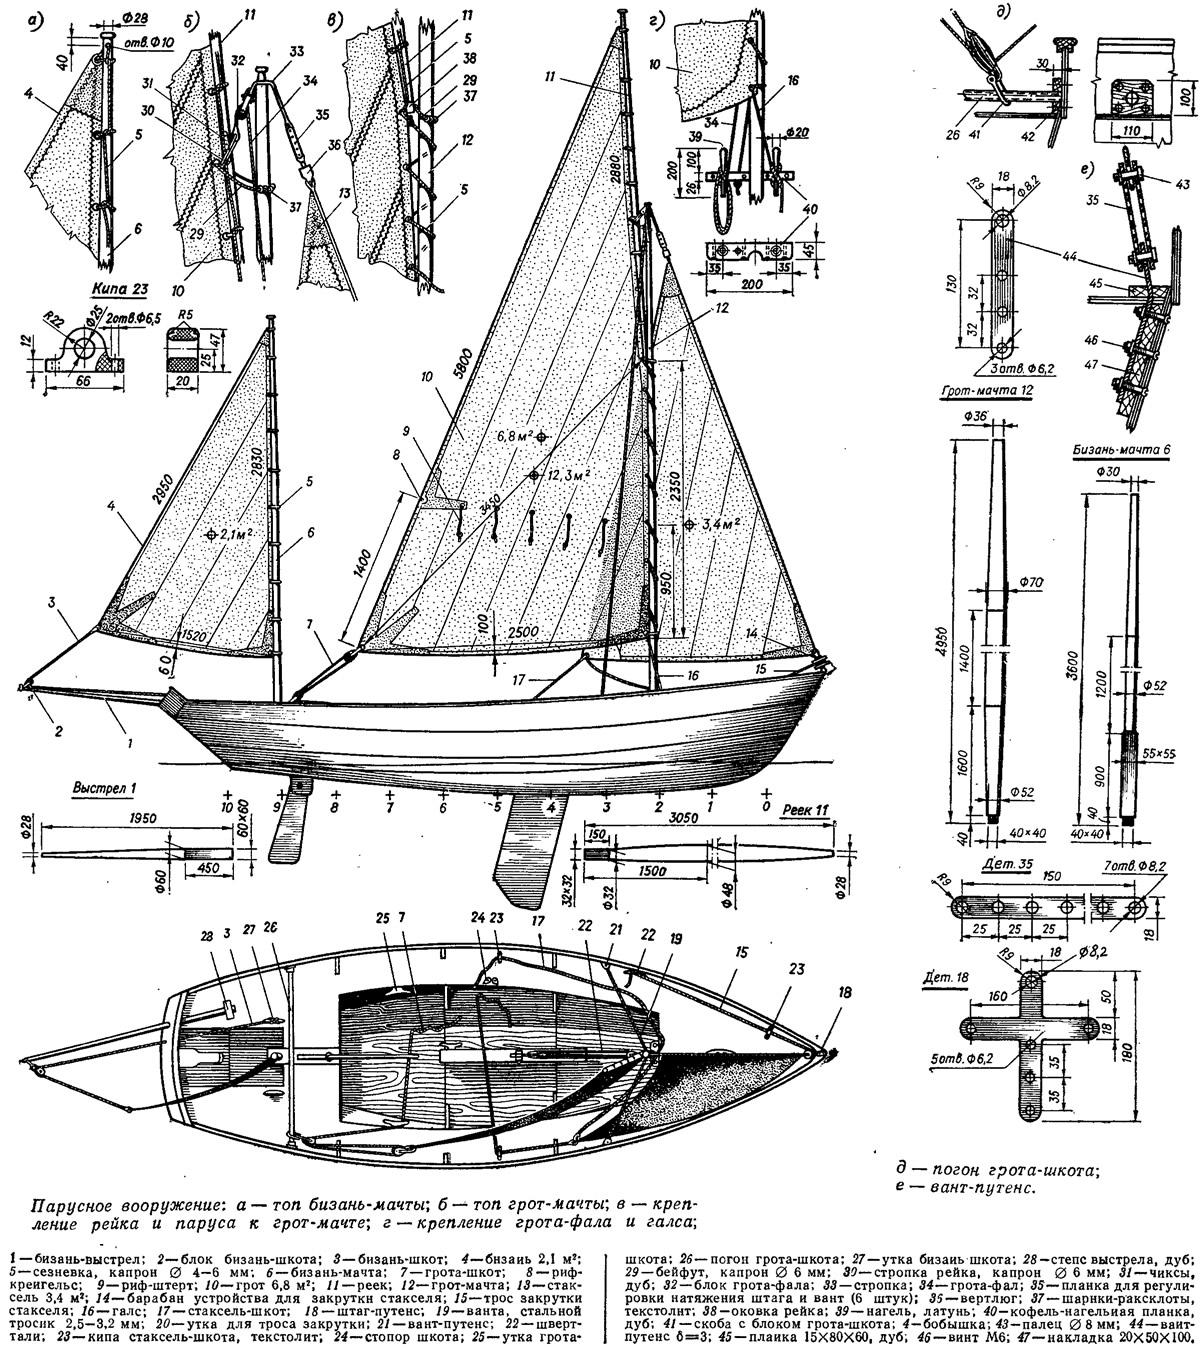 чертежи паруса для лодки